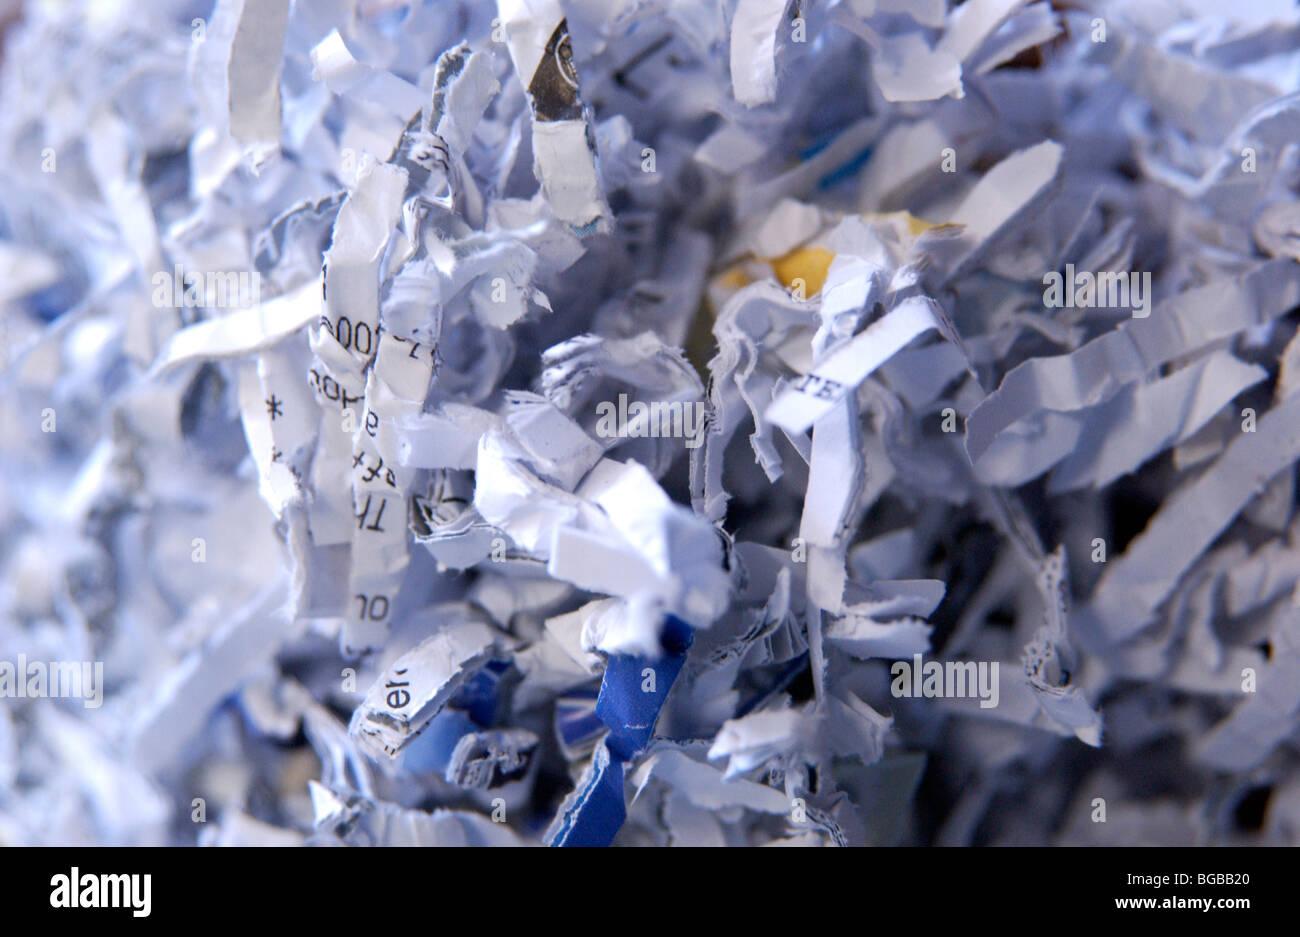 Fotografía de el papel desmenuzado documentos de identidad fraude privacidad Foto de stock